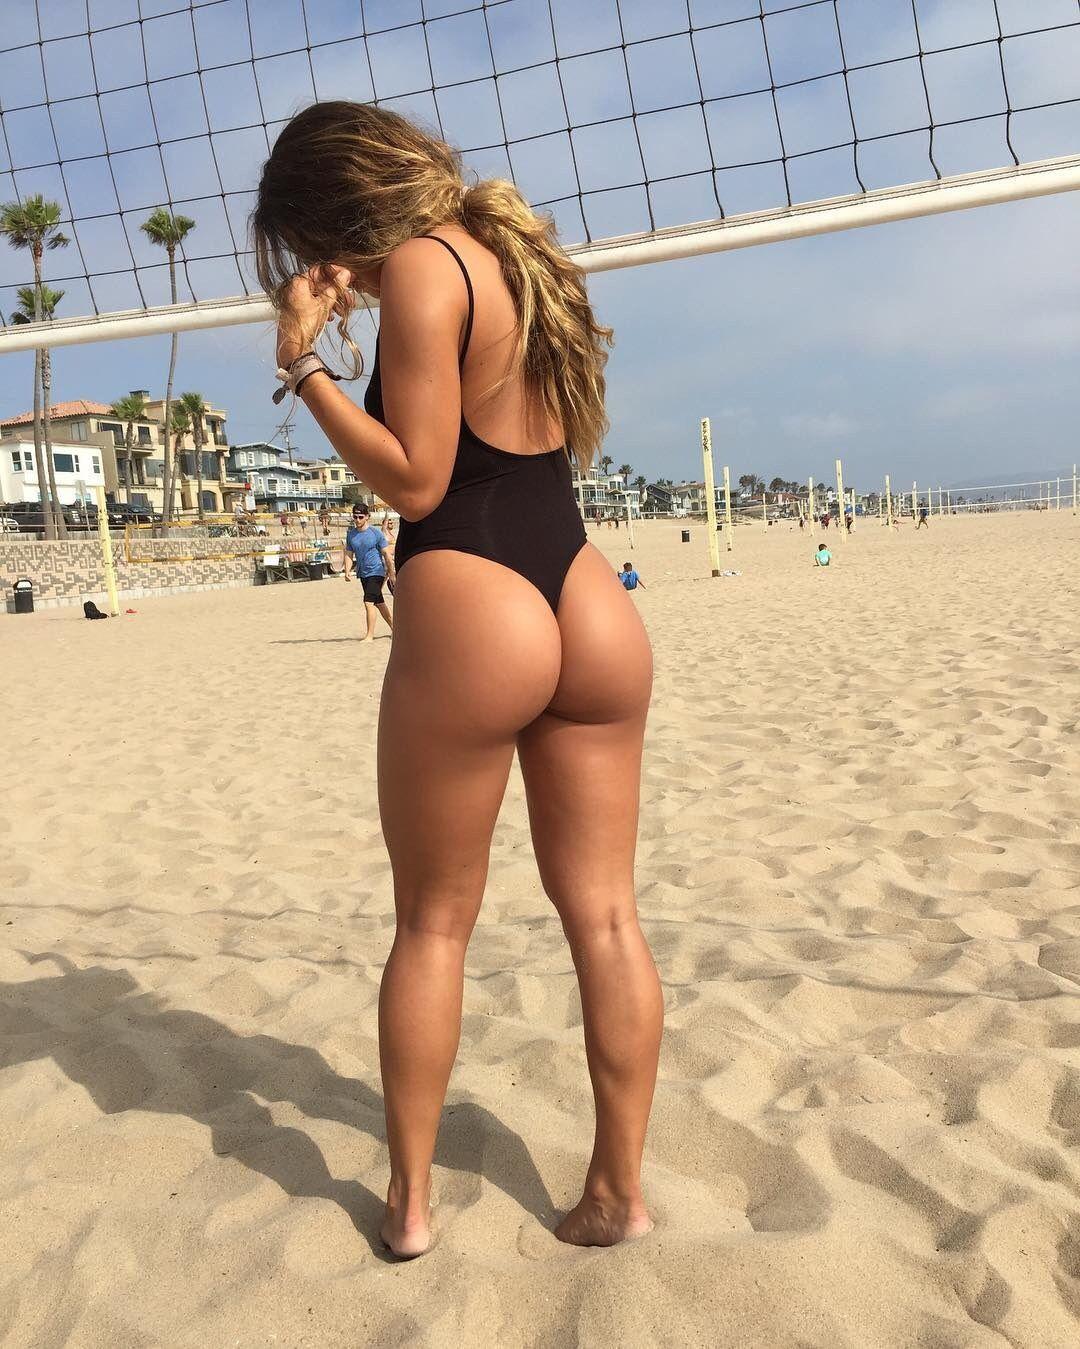 Hot ass beach